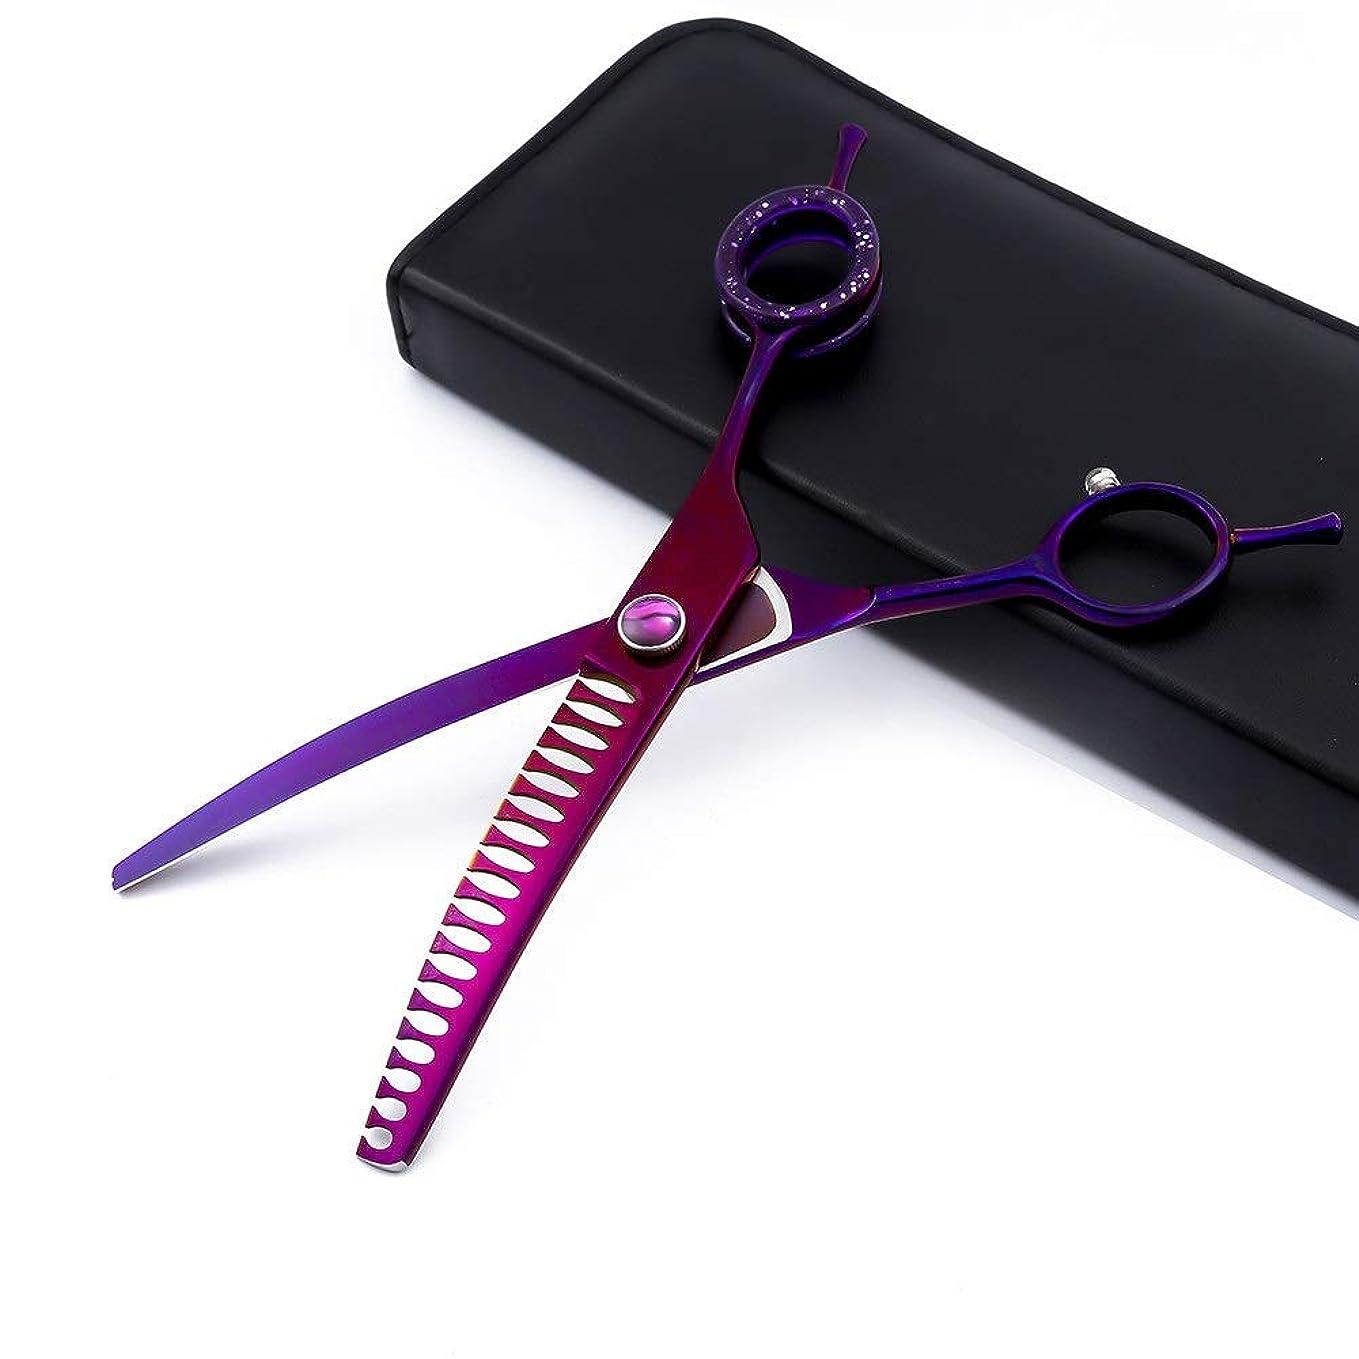 広く近代化する有用シザー カットシザー 曲がった魚の骨のはさみの下でプロの理髪はさみ/ペットグルーミングはさみ/髪を切るはさみ/間伐はさみペットショップ専用7インチ ヘアカット シザー